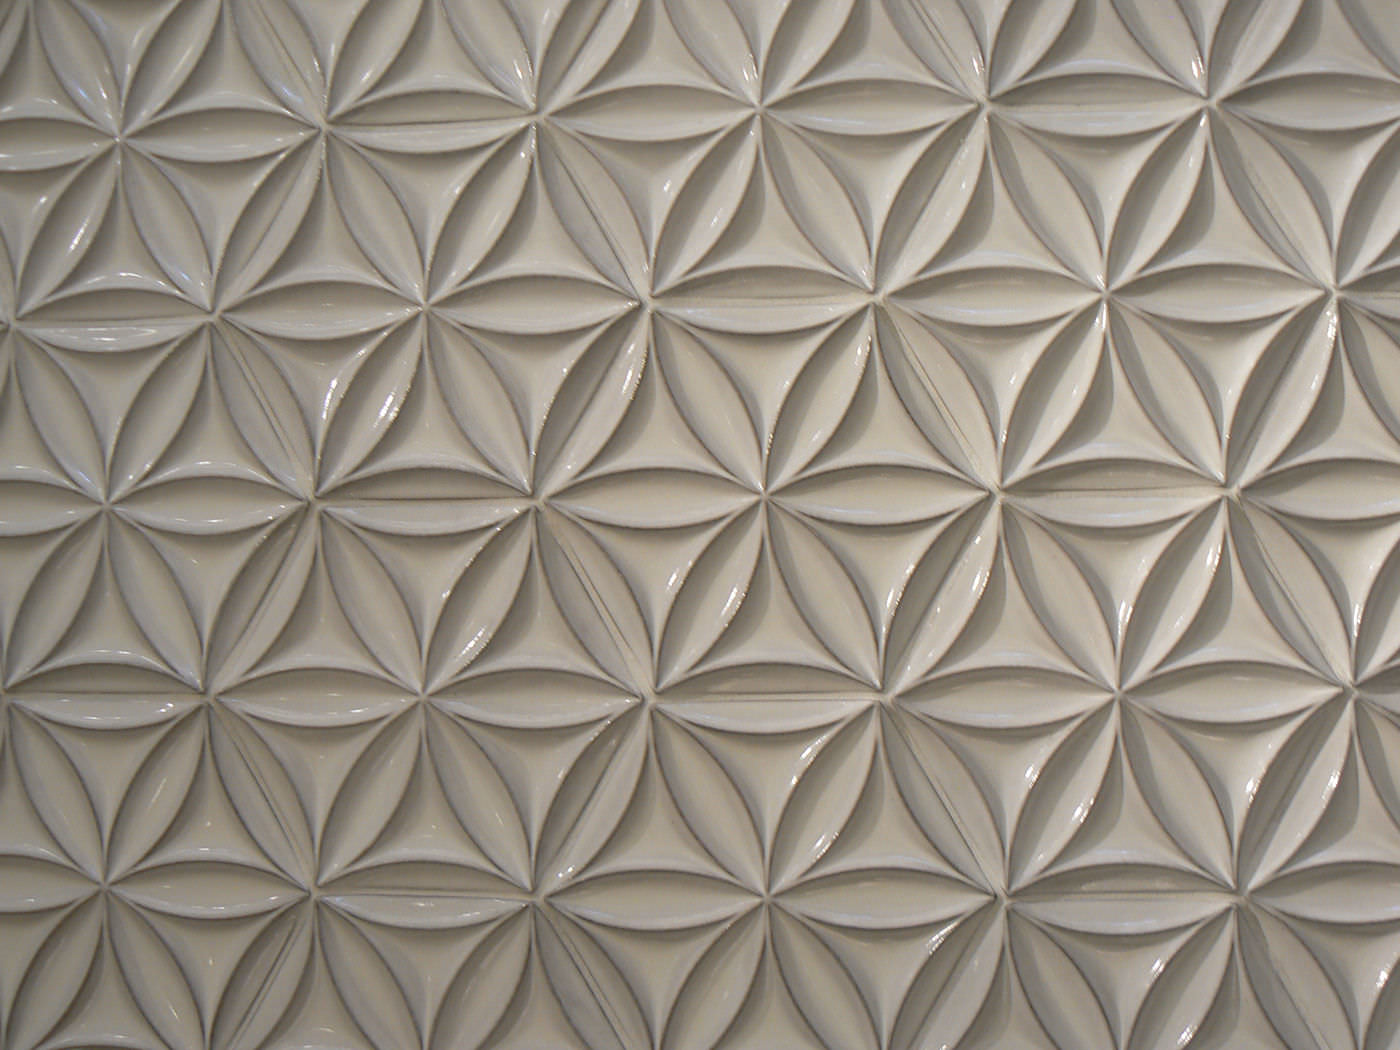 3d Wallpaper Hd For Living Room In India صور سيراميك ثلاثي الابعاد اشكال سيراميك 3d جديد ميكساتك